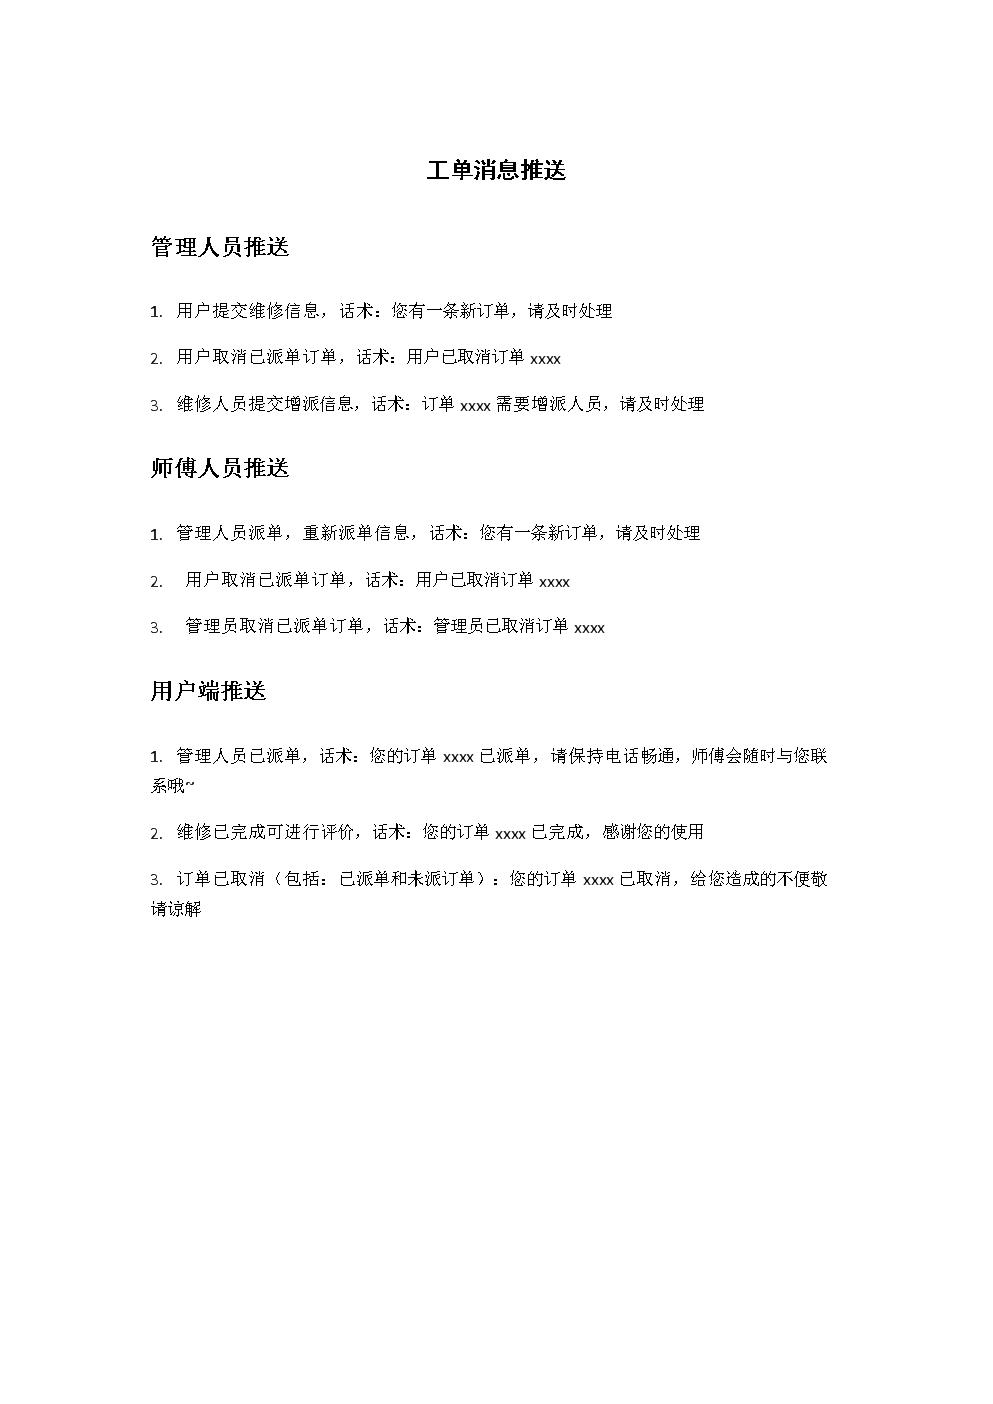 工单消息推送2.docx